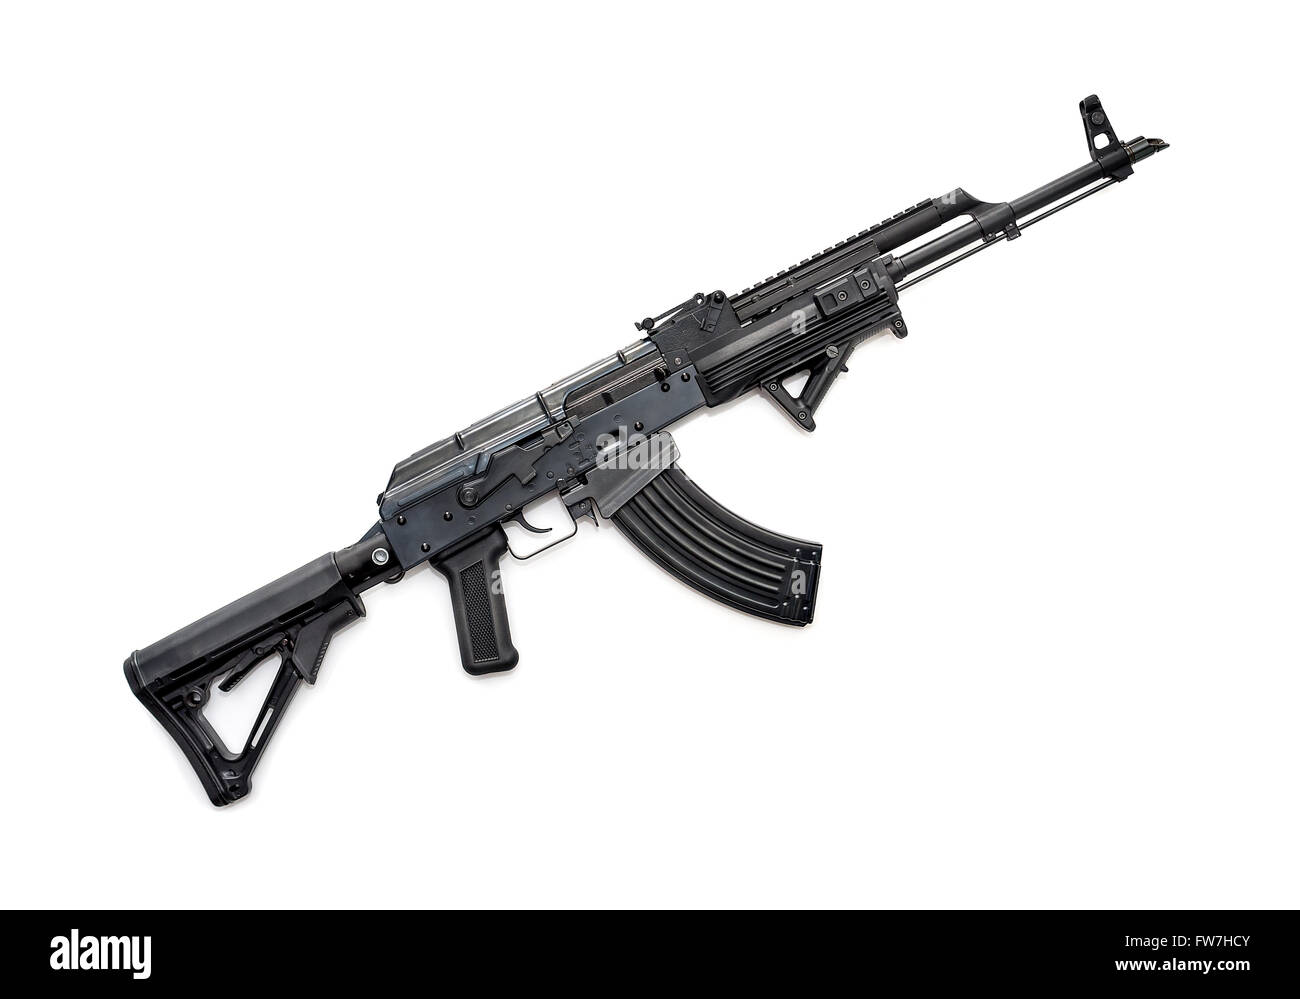 Taktische benutzerdefinierte gebaute AK-47 Gewehr auf weißem Hintergrund Stockbild